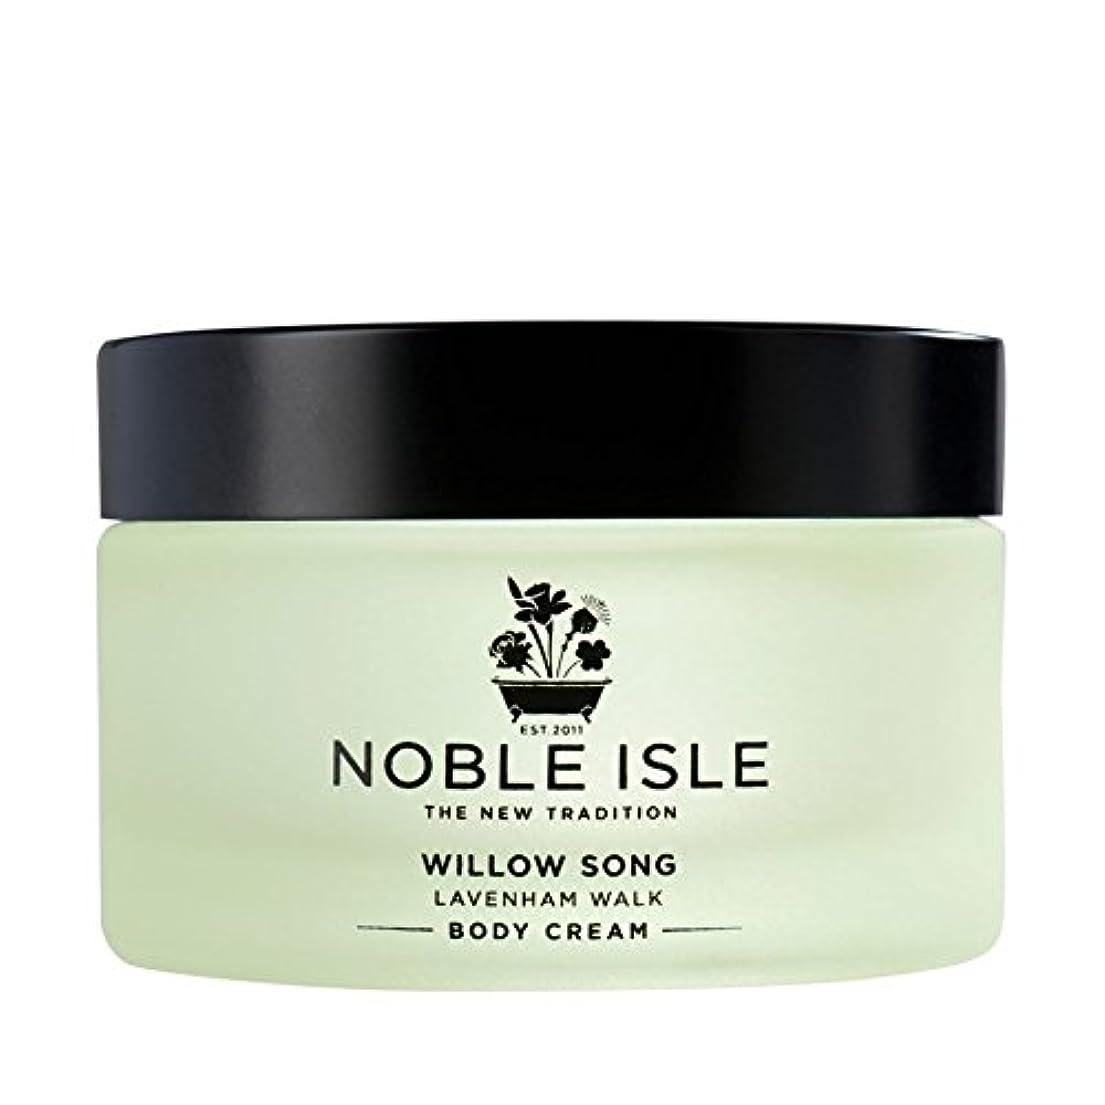 インシデント王女忍耐高貴な島柳の歌ラヴァンハム徒歩ボディクリーム170ミリリットル x4 - Noble Isle Willow Song Lavenham Walk Body Cream 170ml (Pack of 4) [並行輸入品]